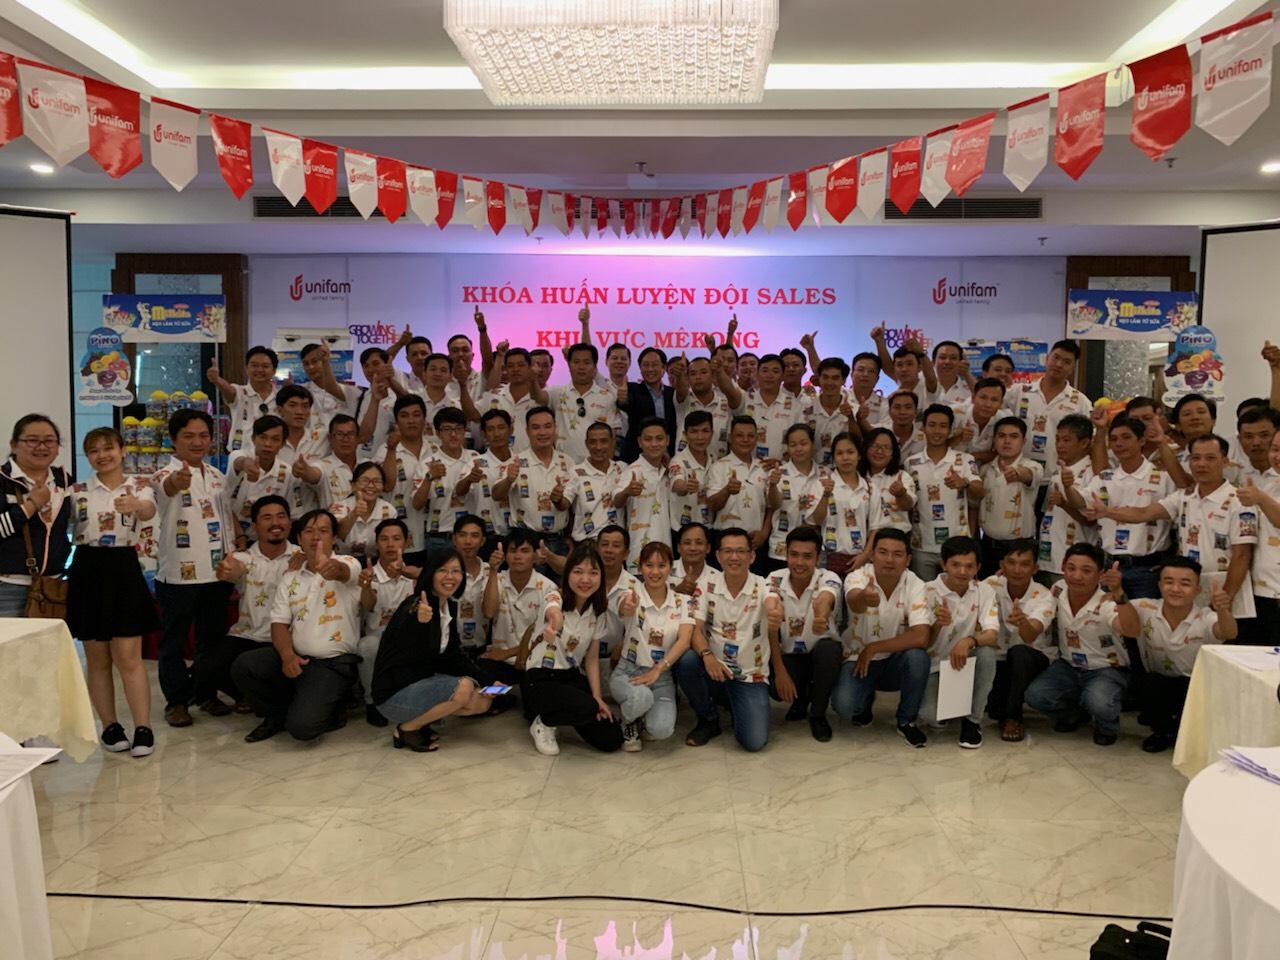 Chương Trình đào tạo cho đội ngũ Sale của Công Ty Unifam Tại Cần Thơ